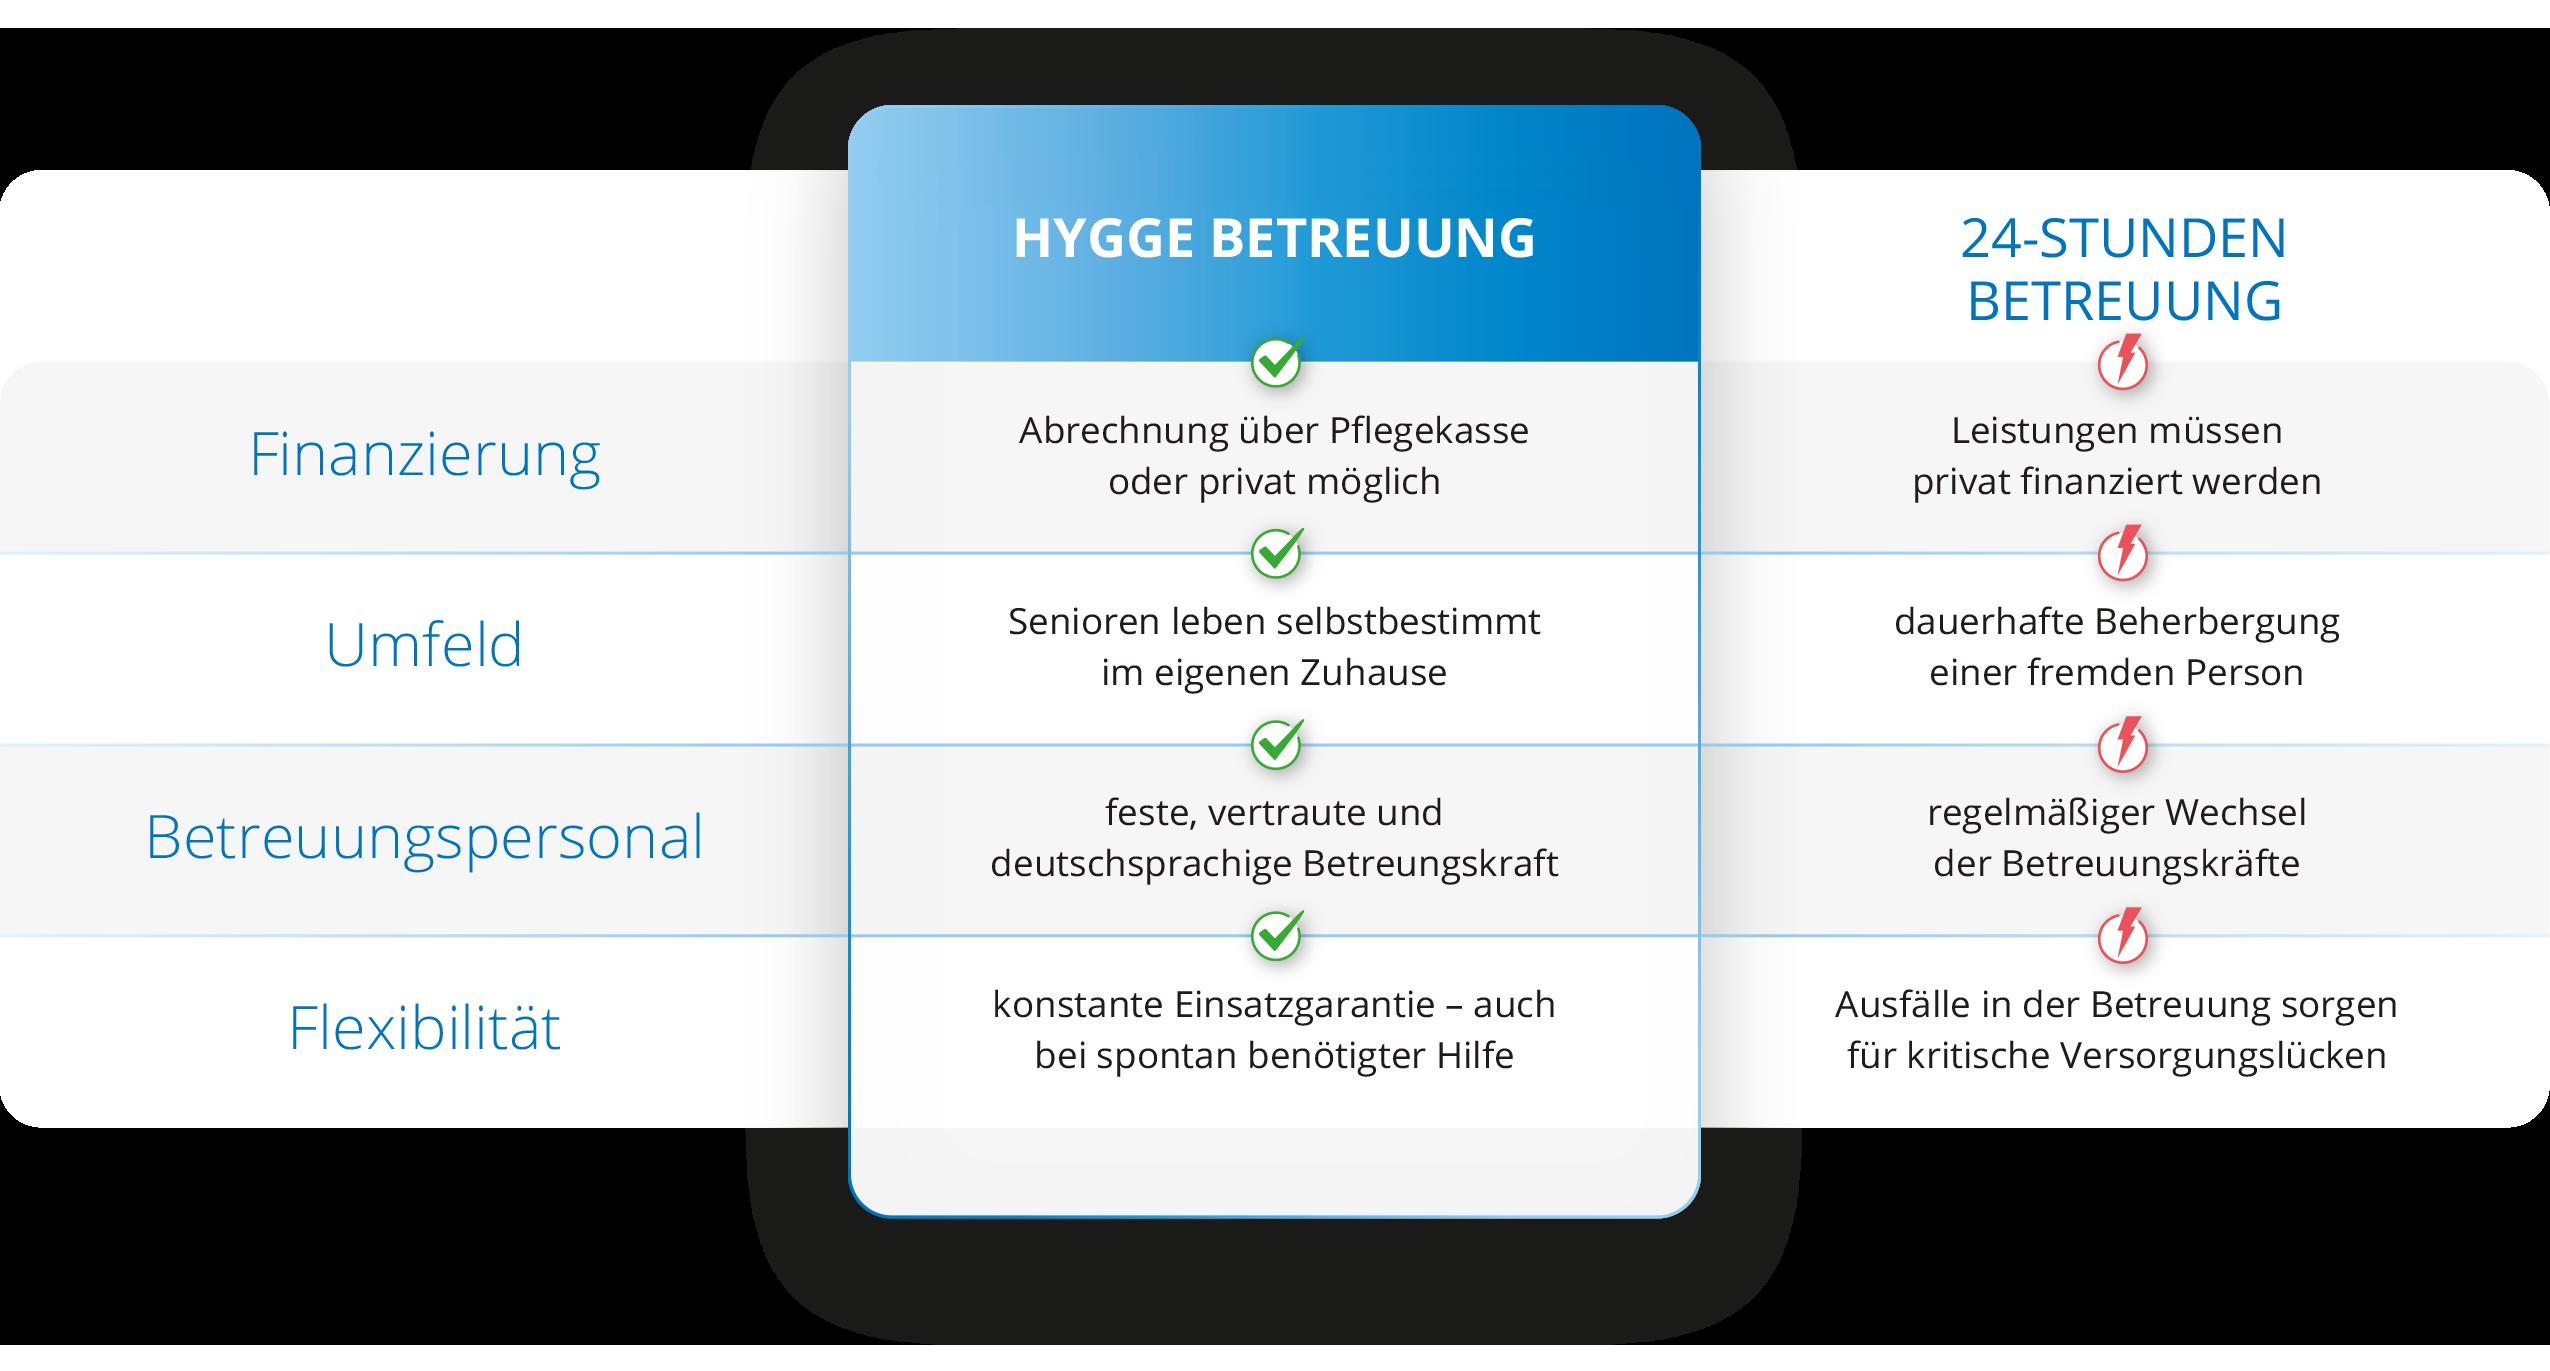 Vergleich zwischen Hygge Betreuung und einer gewöhnlichen 24h-Betreuung für die Leipziger Angebote in der Seniorenbetreuung